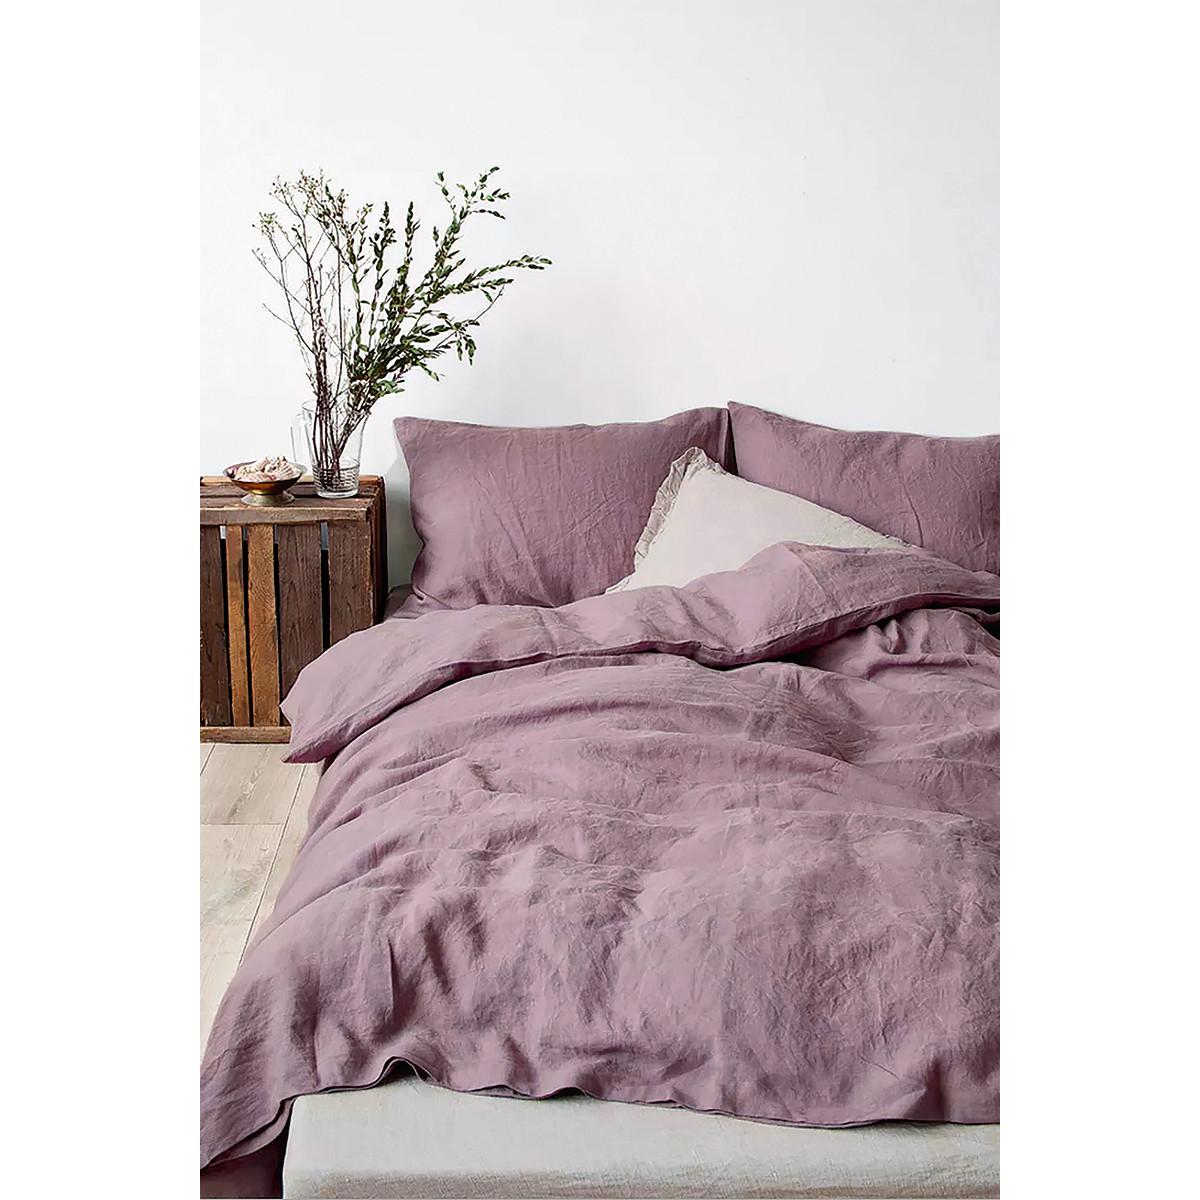 Комплект Постельного Белья Rustic Berry Полутораспальный Полисатин Фиолетовый